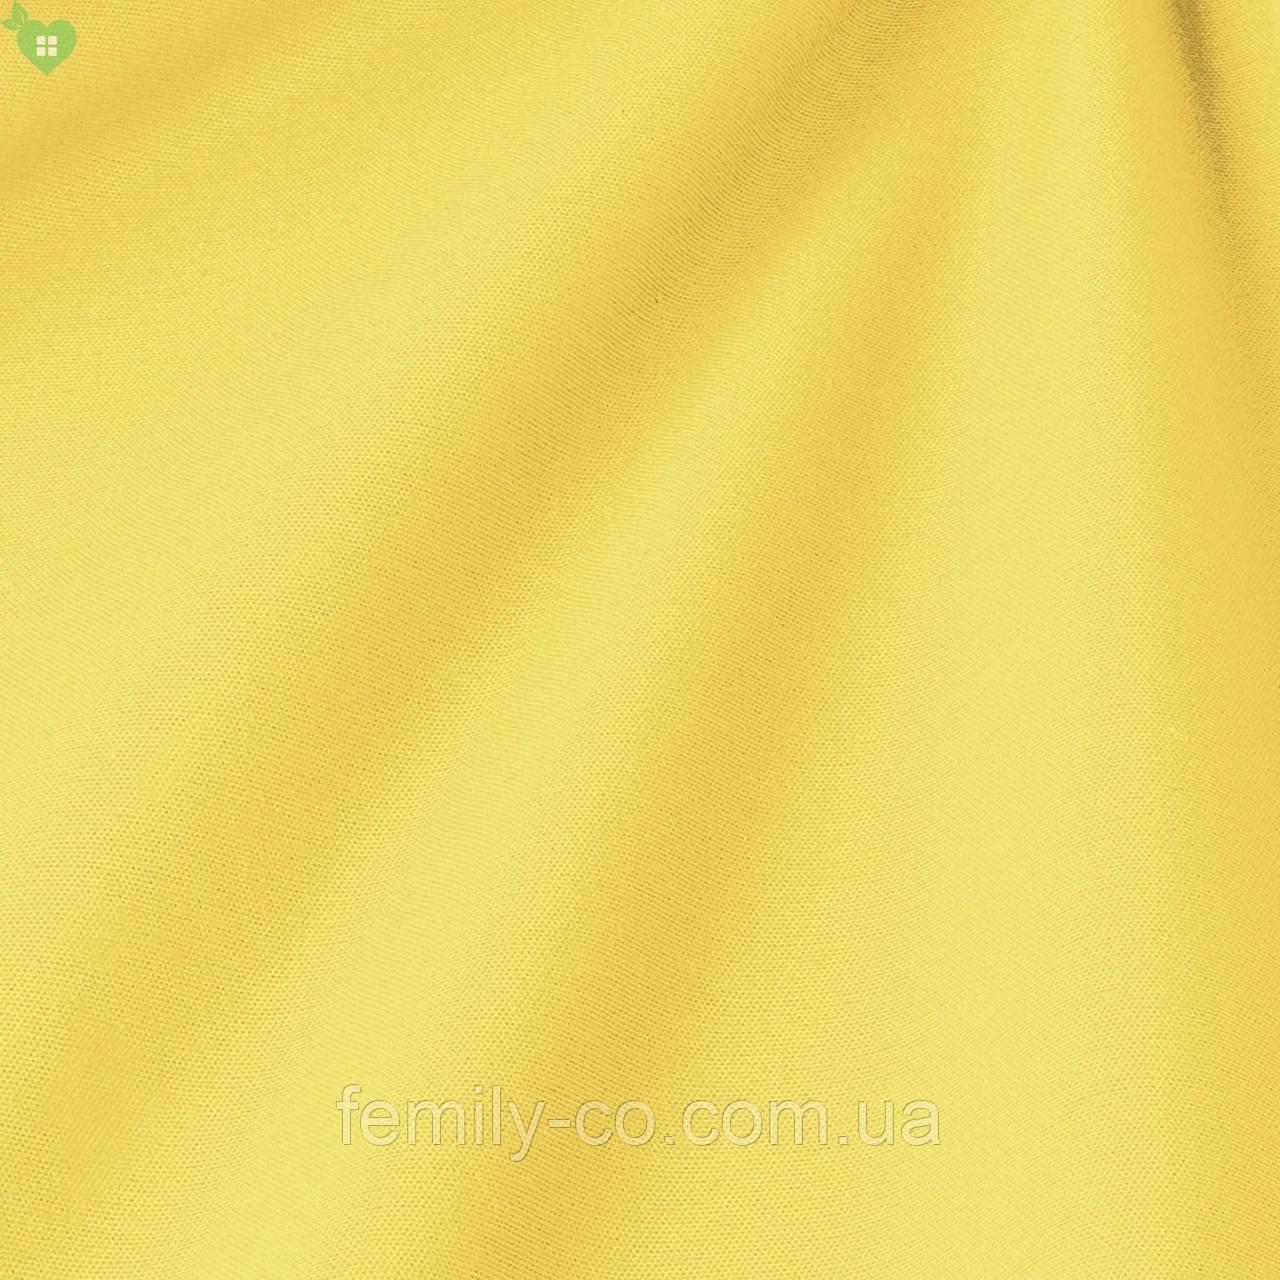 Однотонная декоративная ткань рапсово-желтого цвета Испания 82694v37